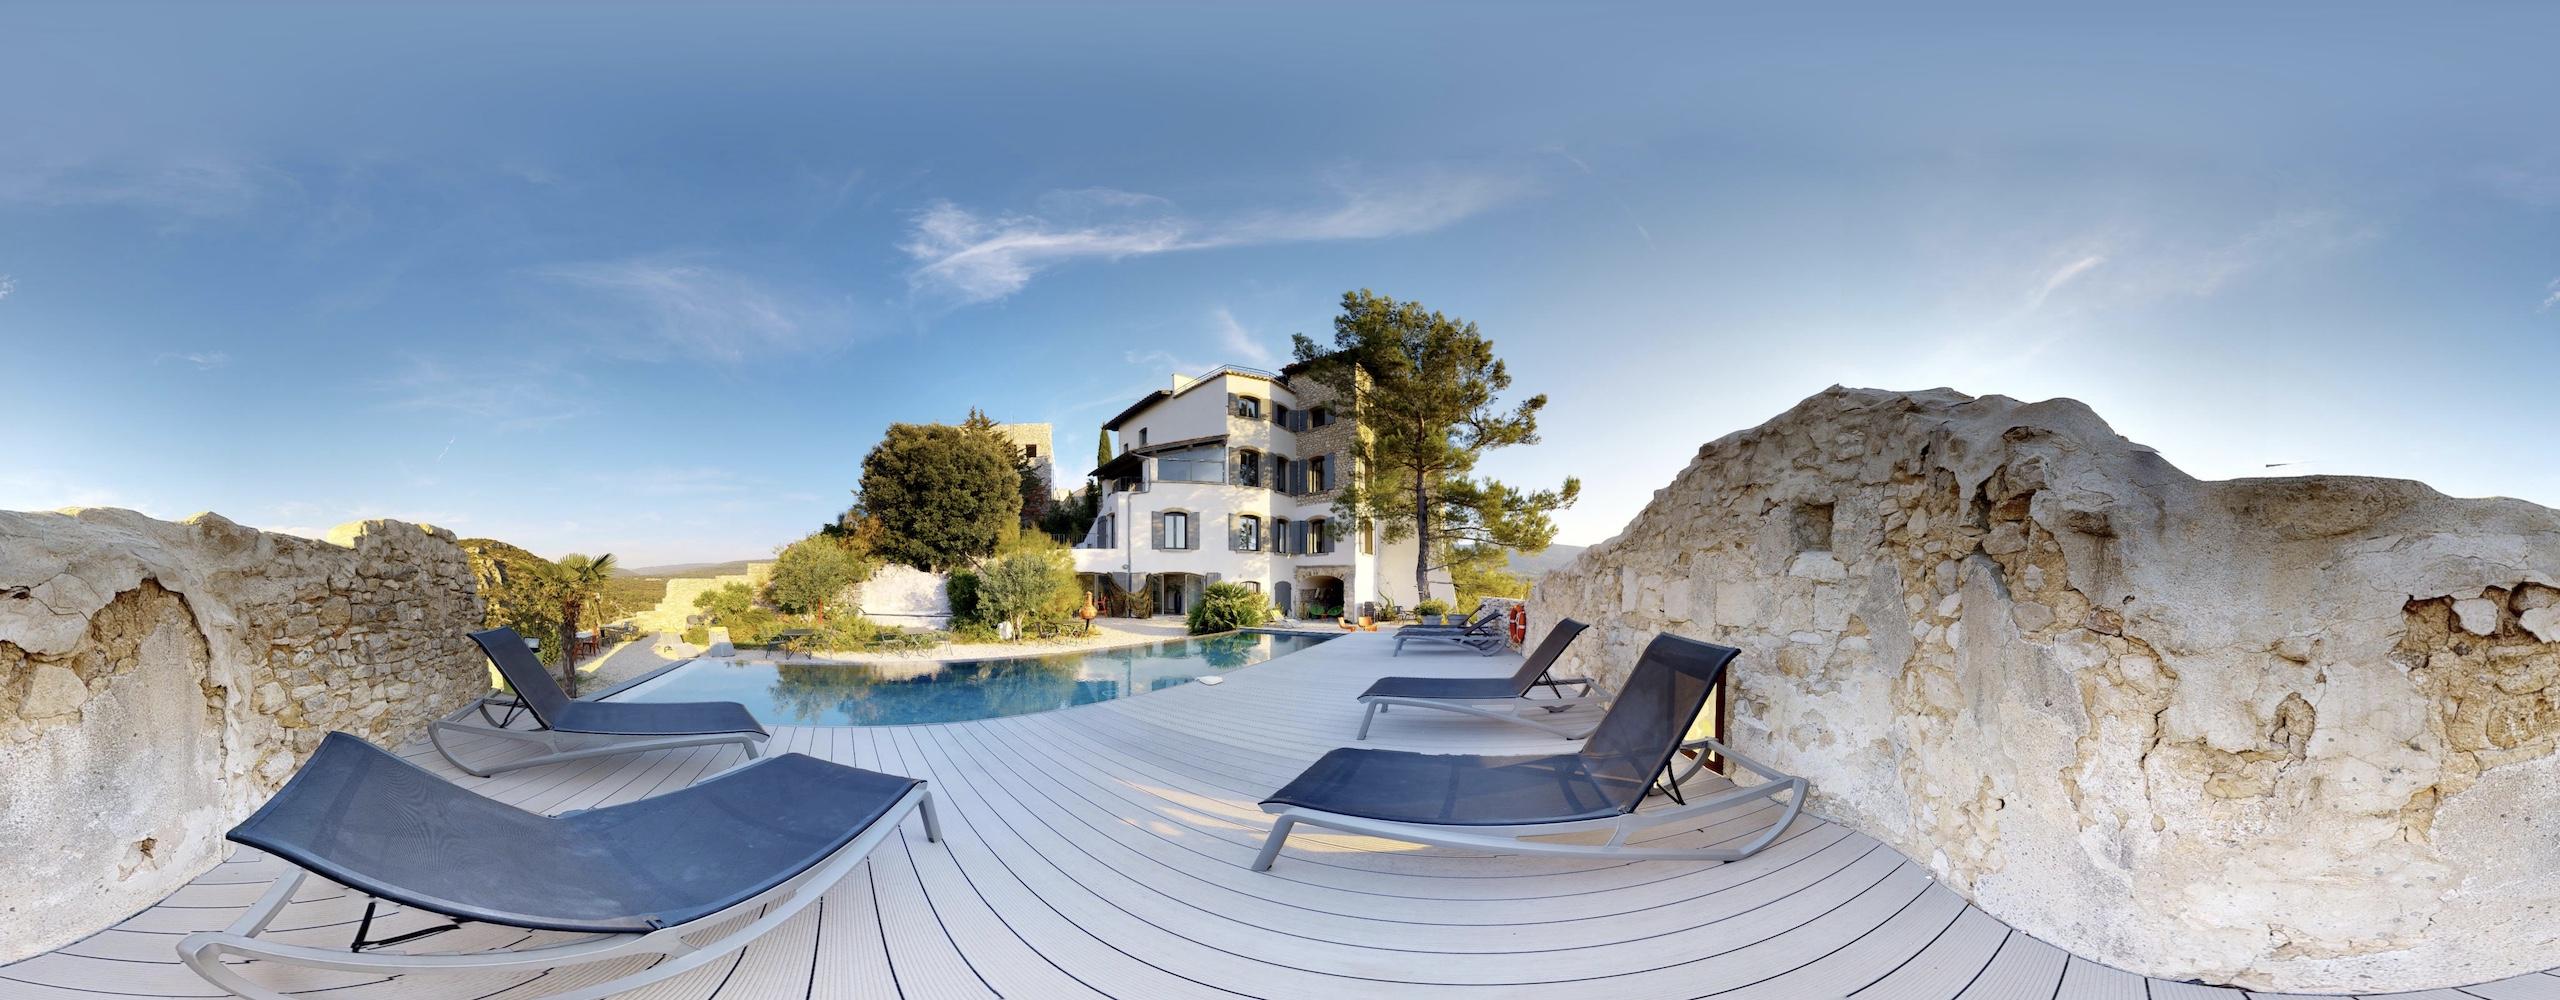 chambres d'hôtes Metafort entre Luberon et Mont Ventoux